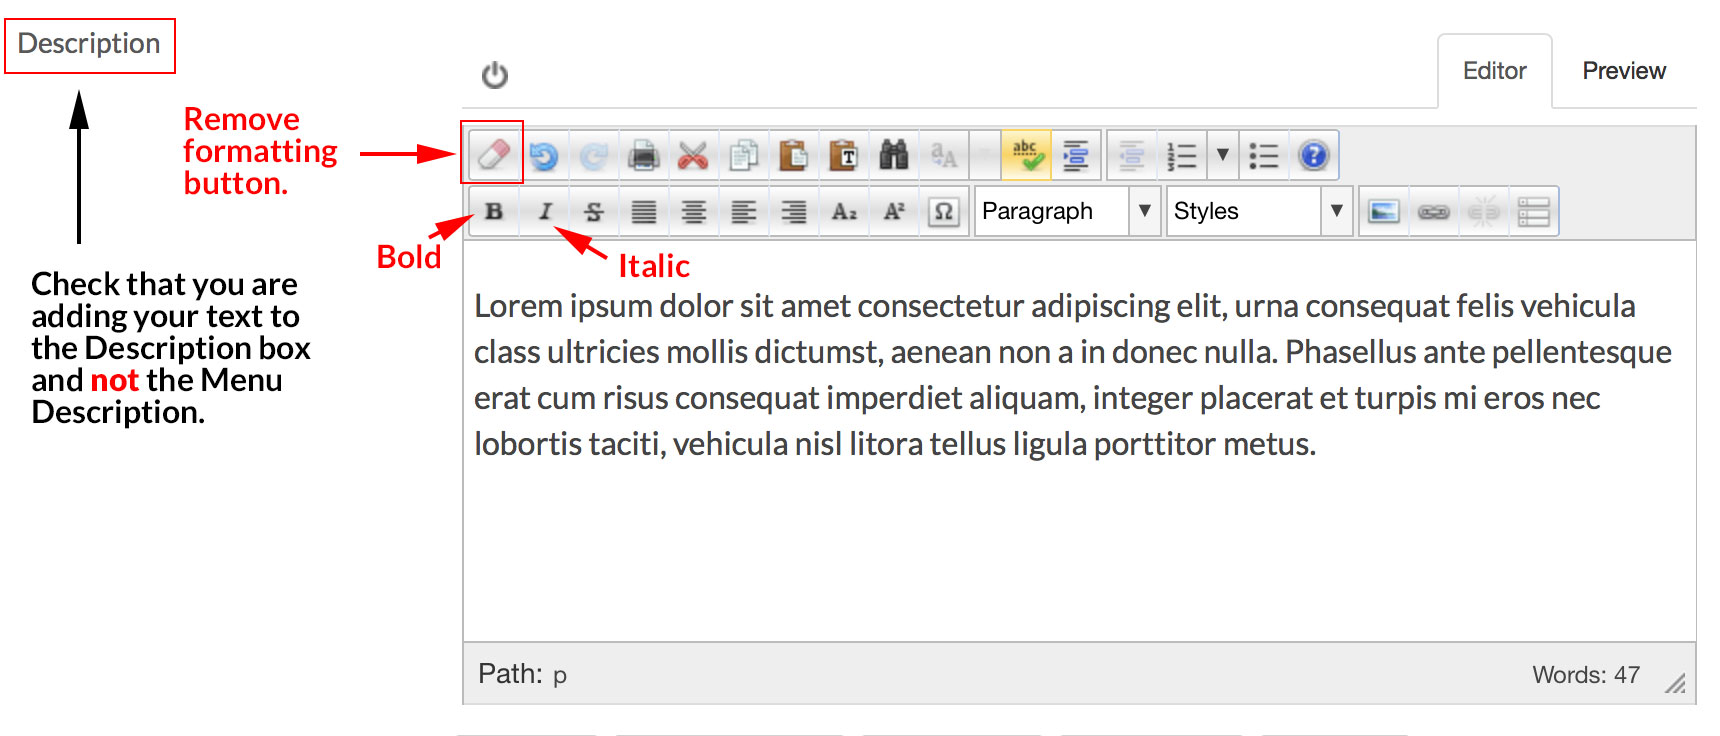 editor add text description v2